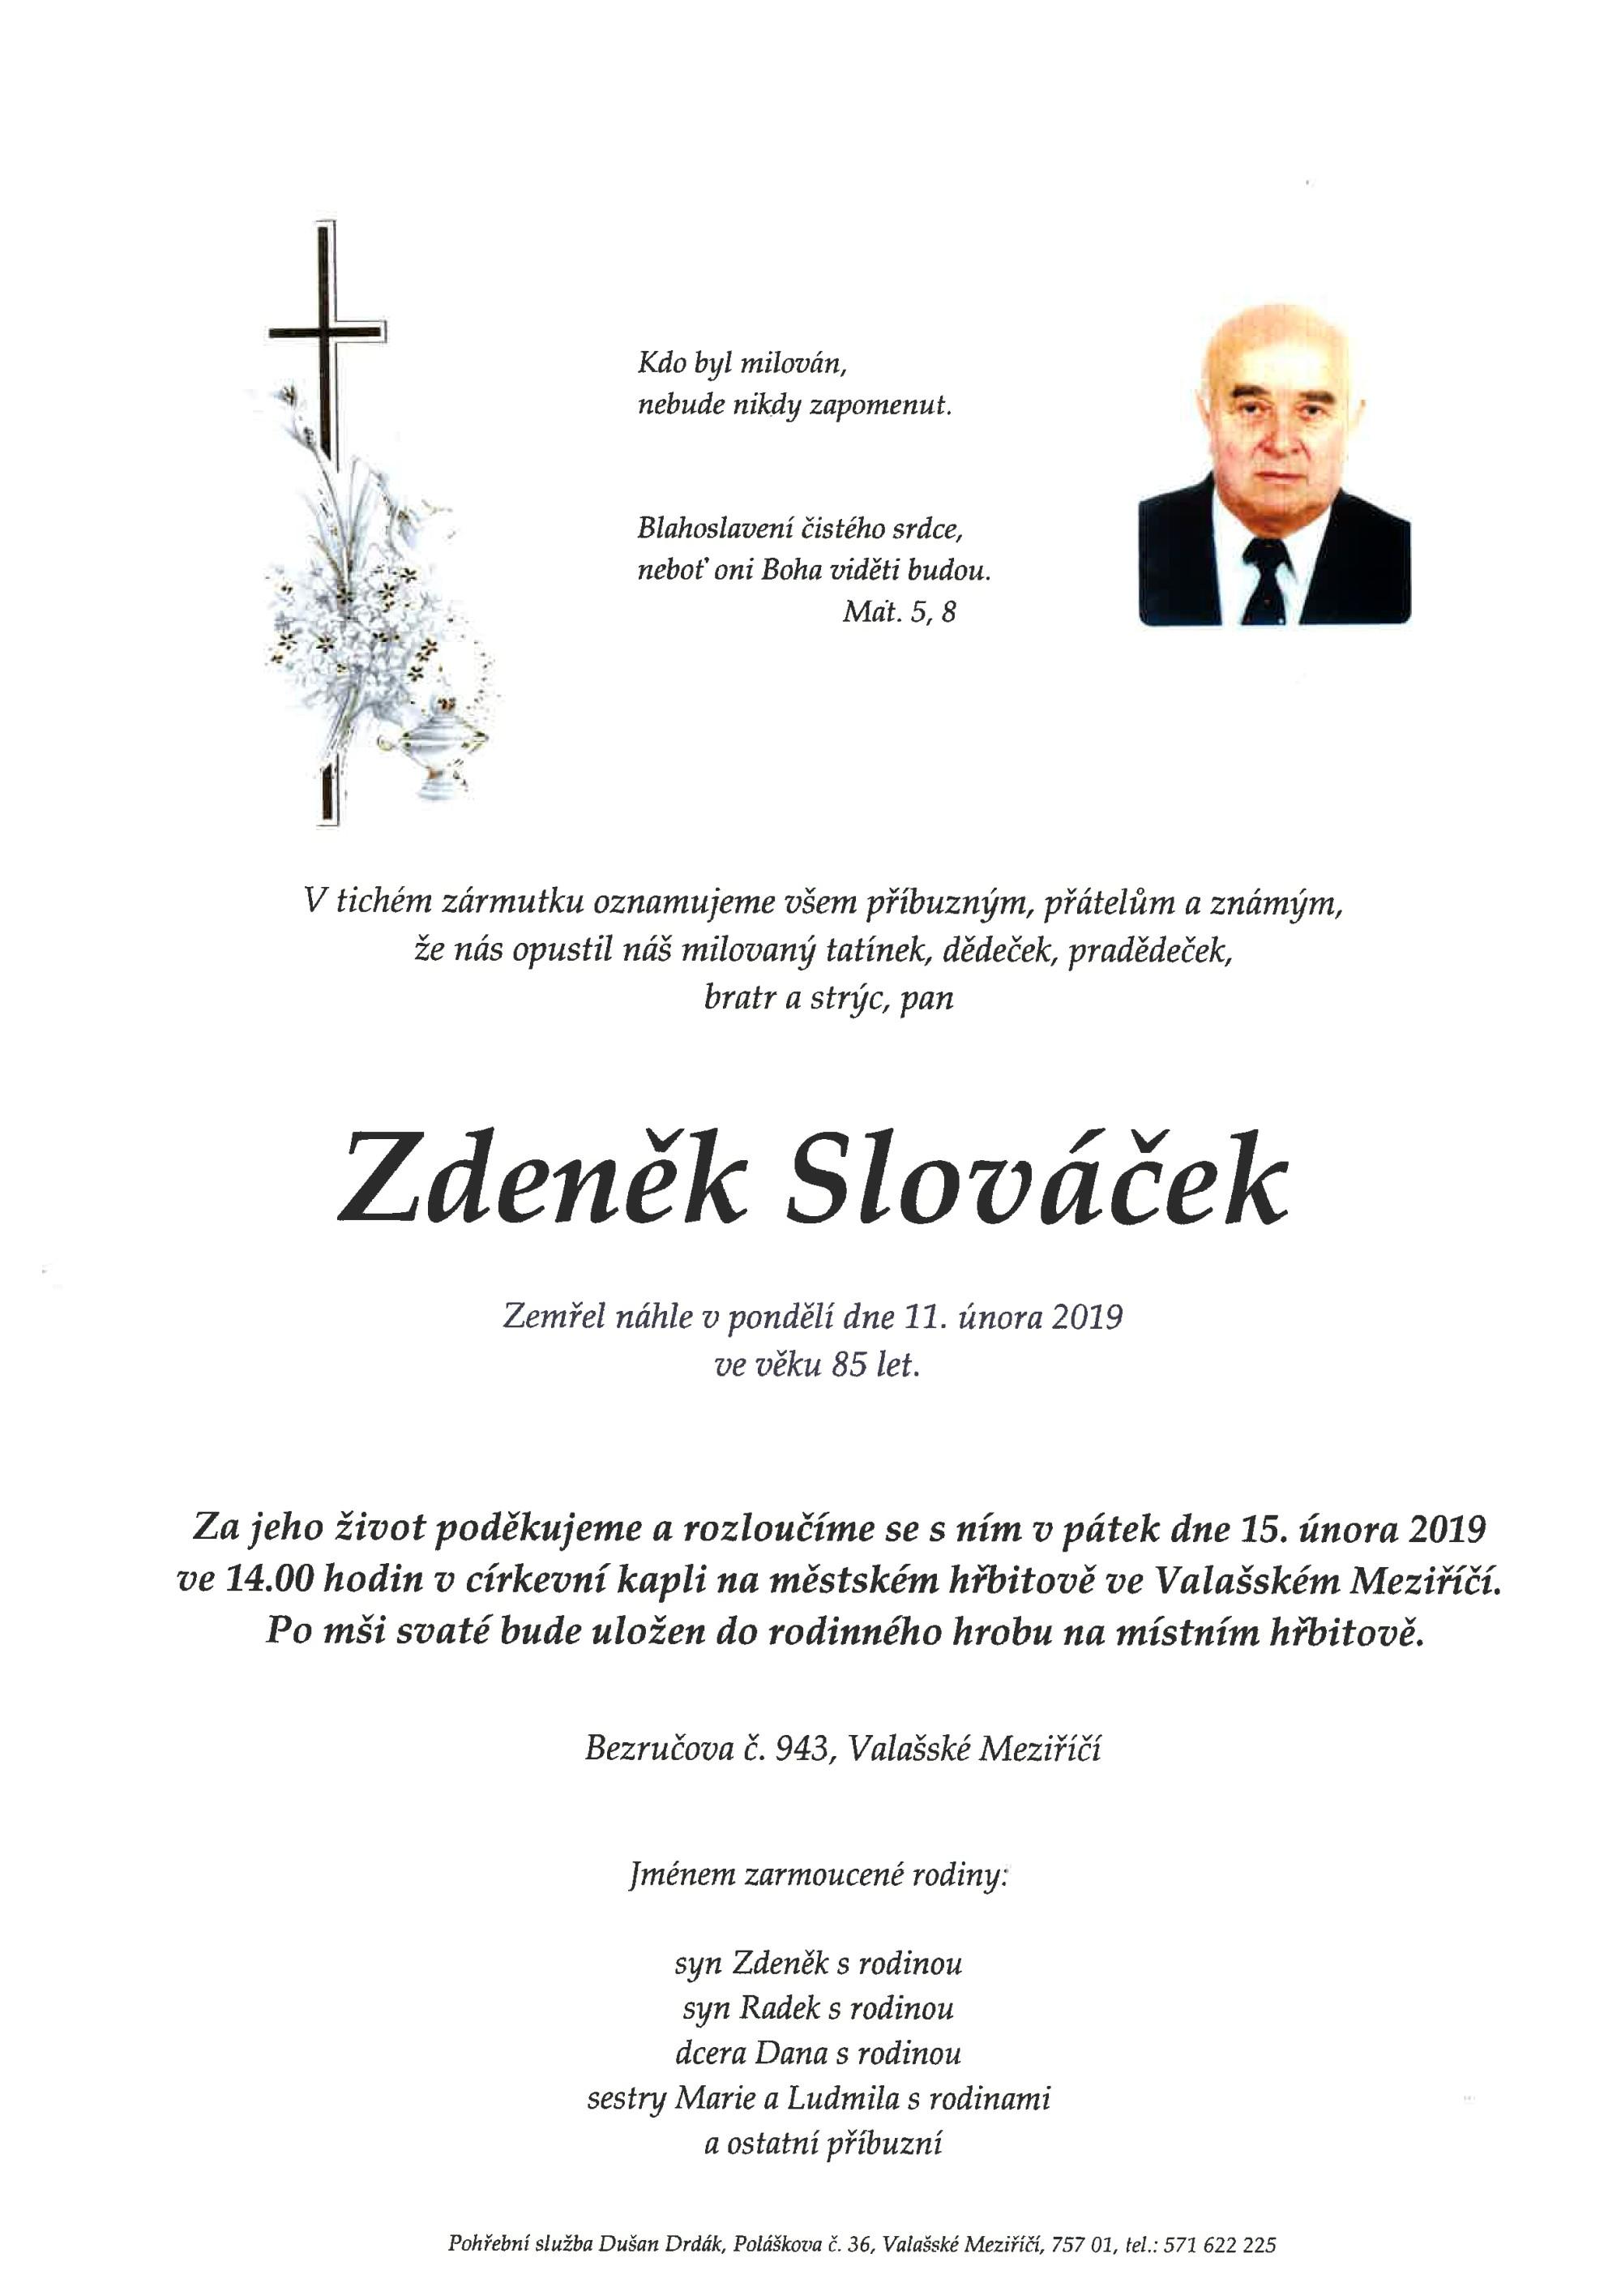 Zdeněk Slováček